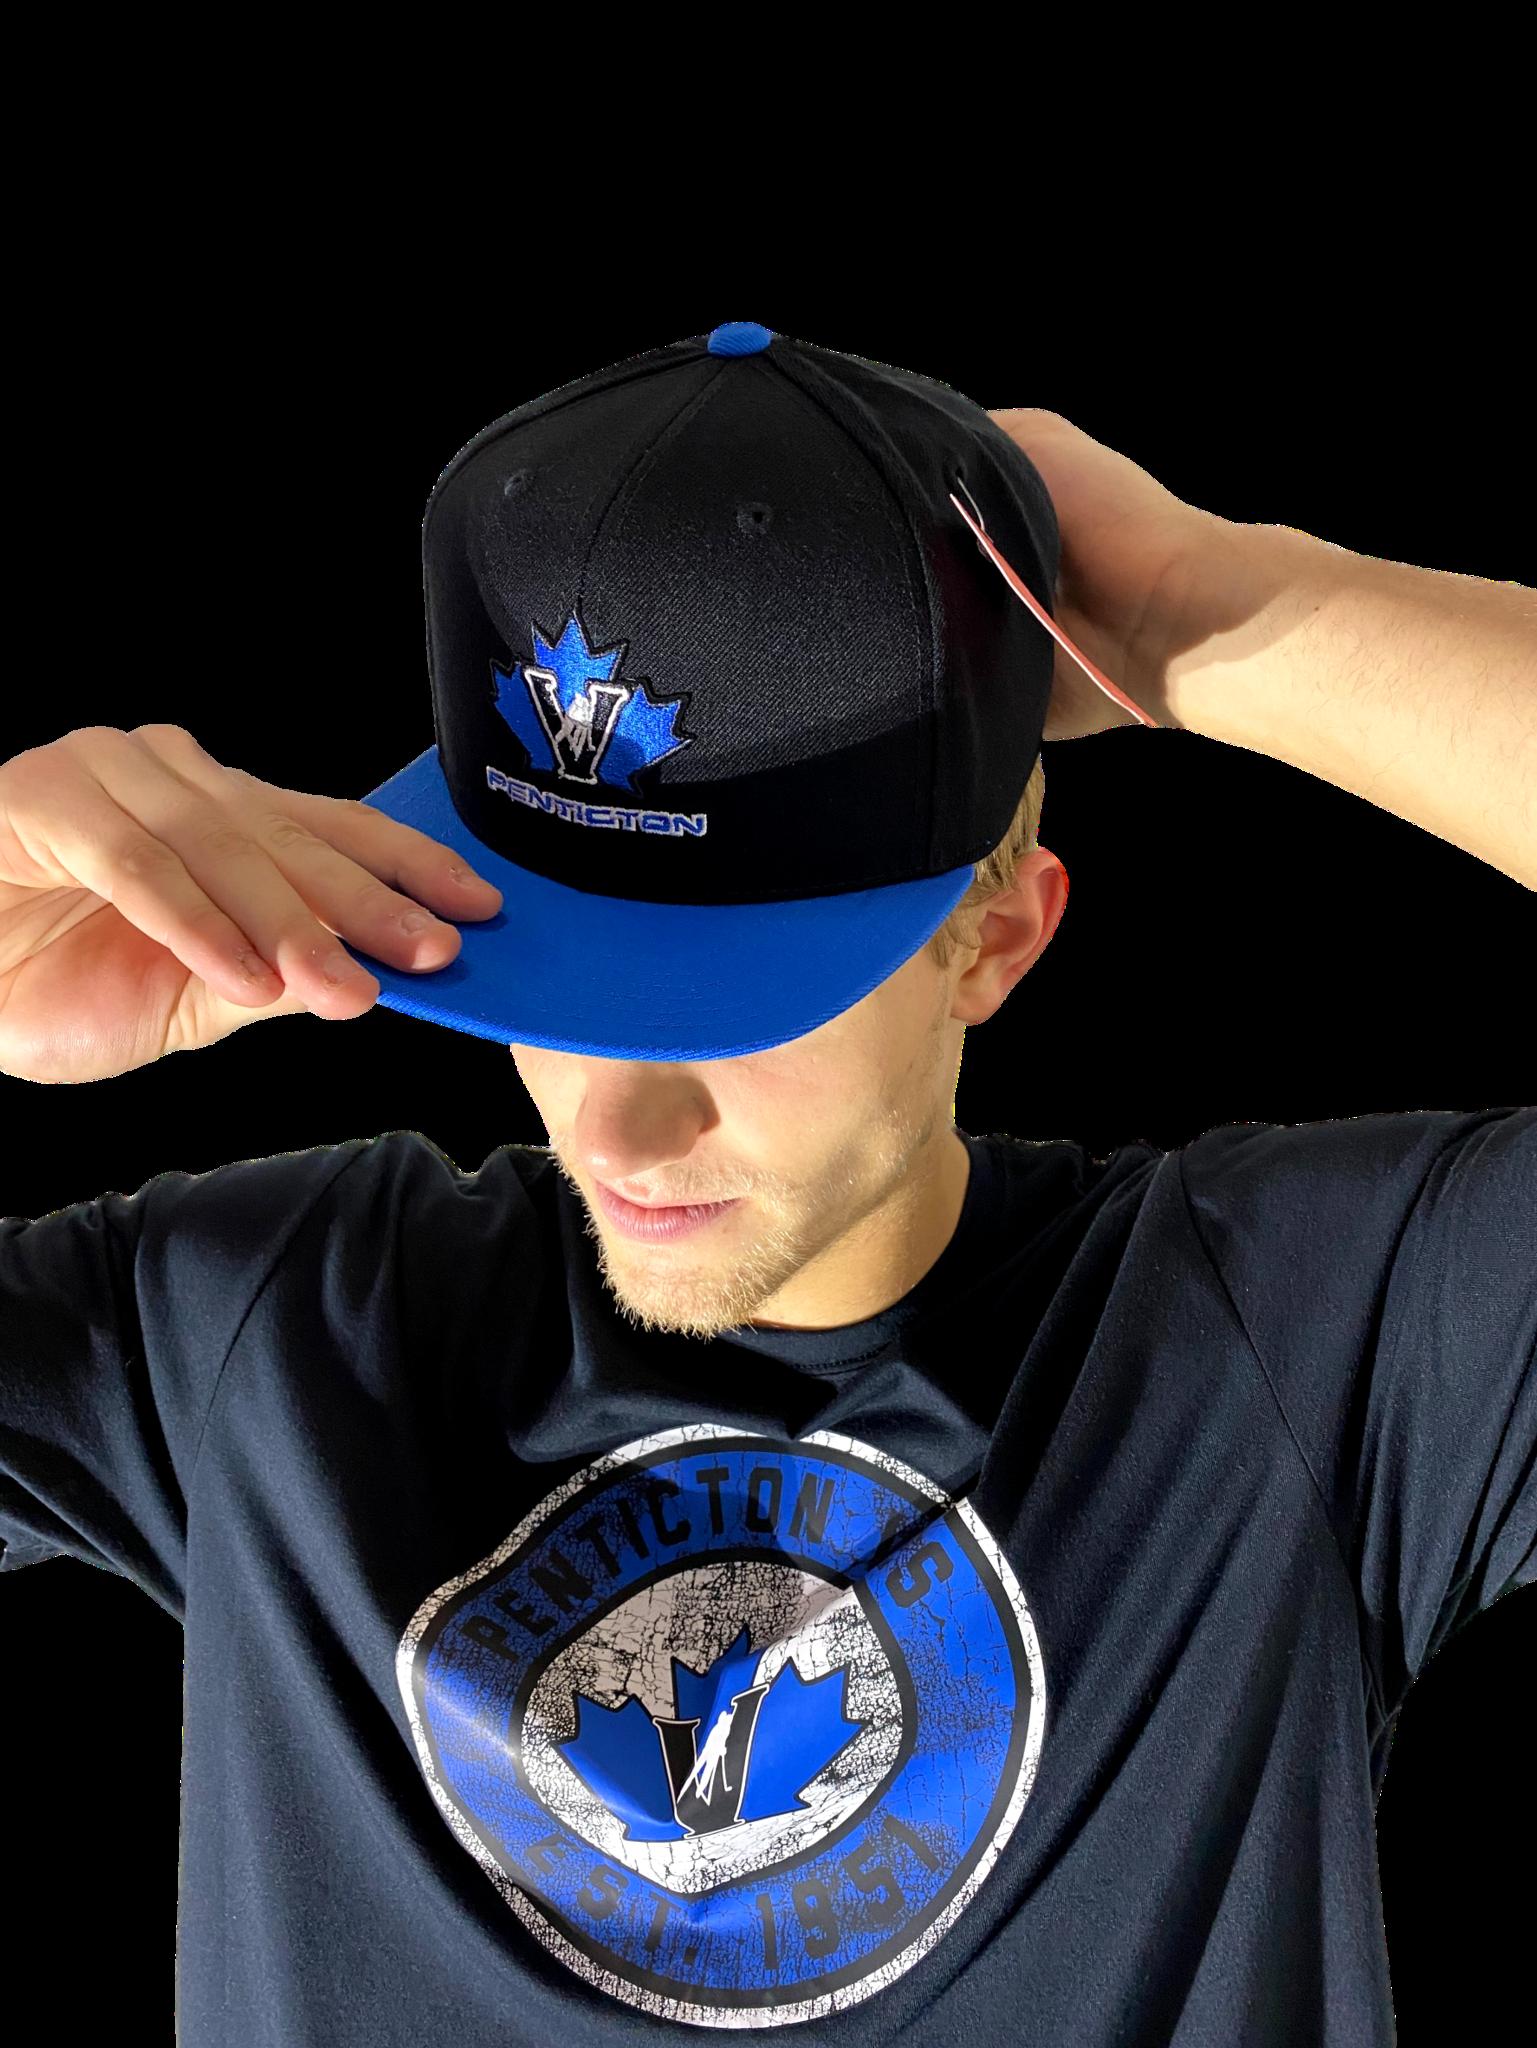 American Needle Vees Flat Brim Hat 400 Series